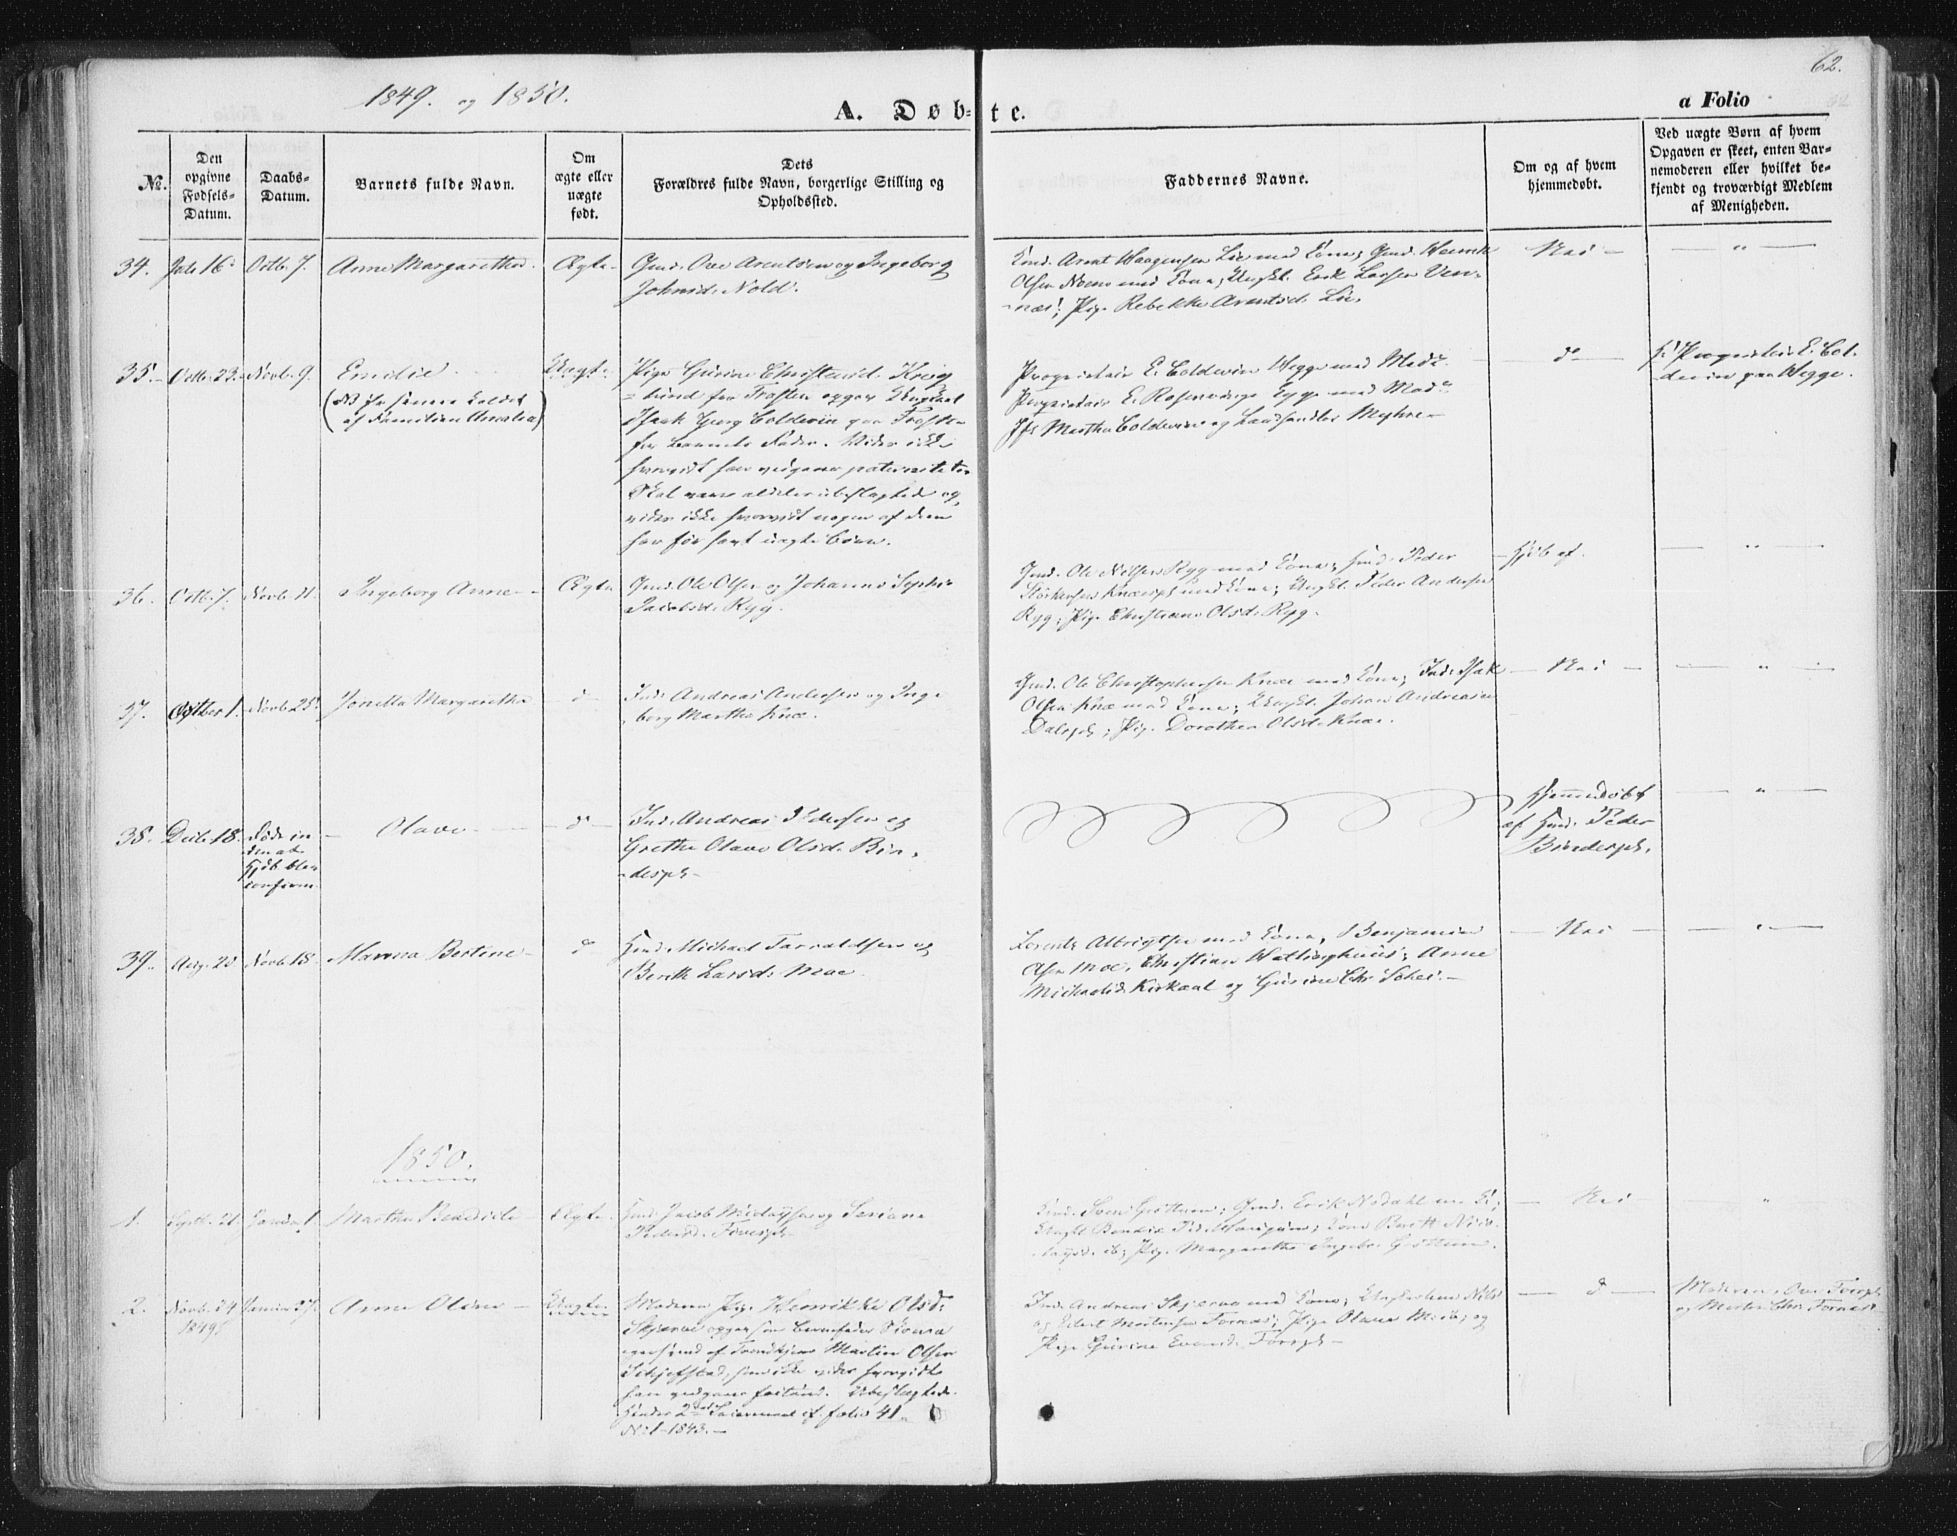 SAT, Ministerialprotokoller, klokkerbøker og fødselsregistre - Nord-Trøndelag, 746/L0446: Ministerialbok nr. 746A05, 1846-1859, s. 62